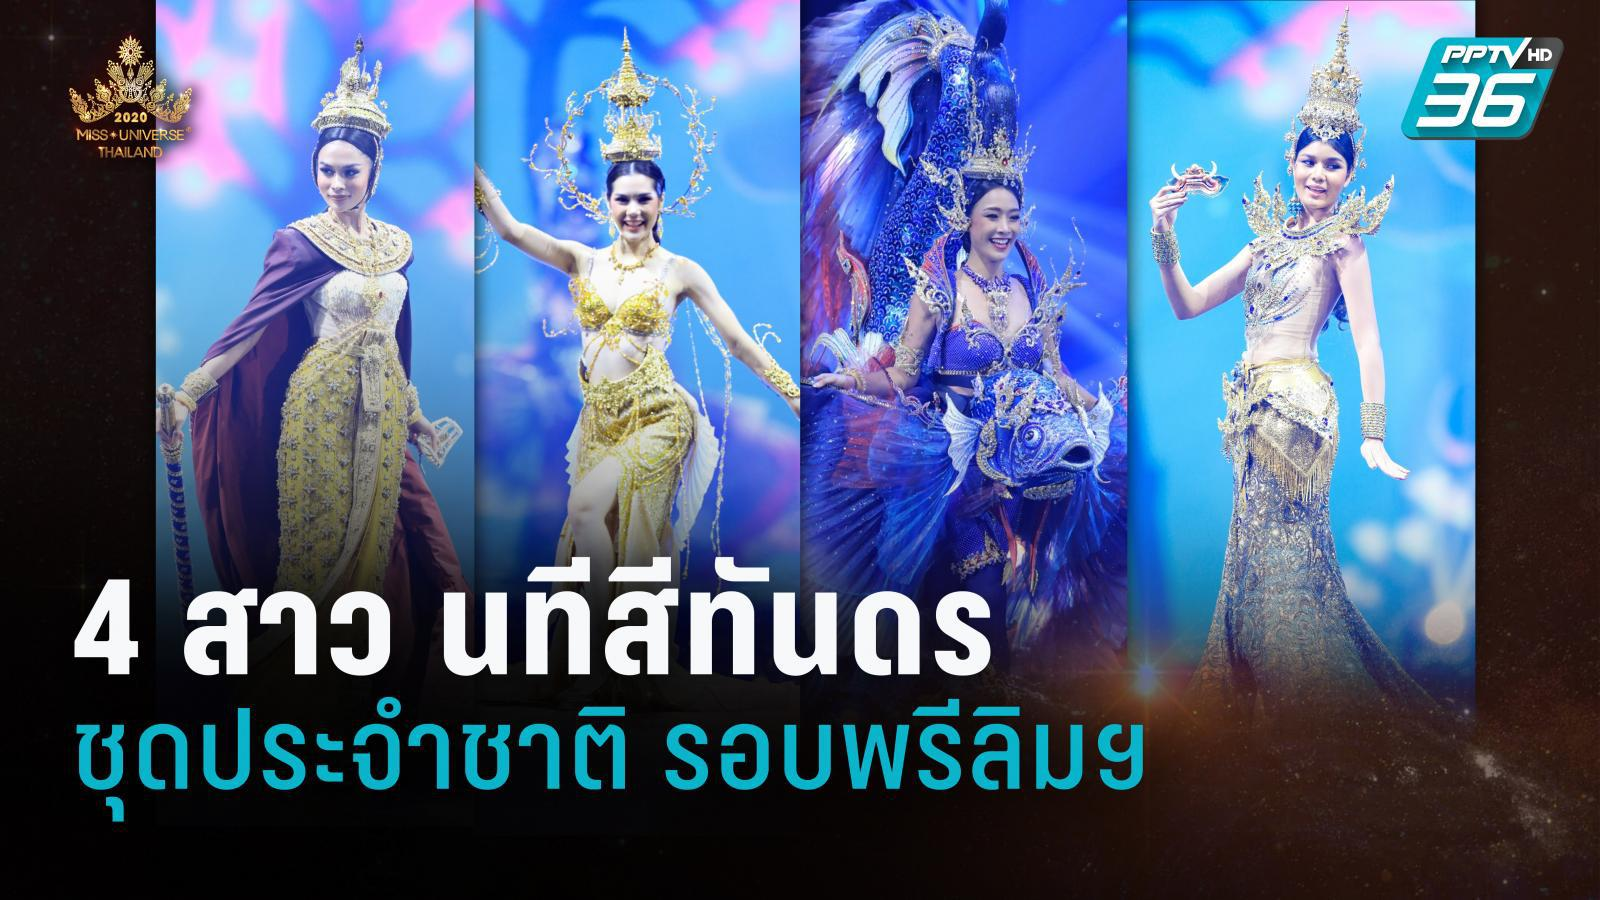 4 สาวงาม นทีสีทันดร | Miss Universe Thailand 2020 | ชุดประจำชาติ รอบพรีลิมฯ